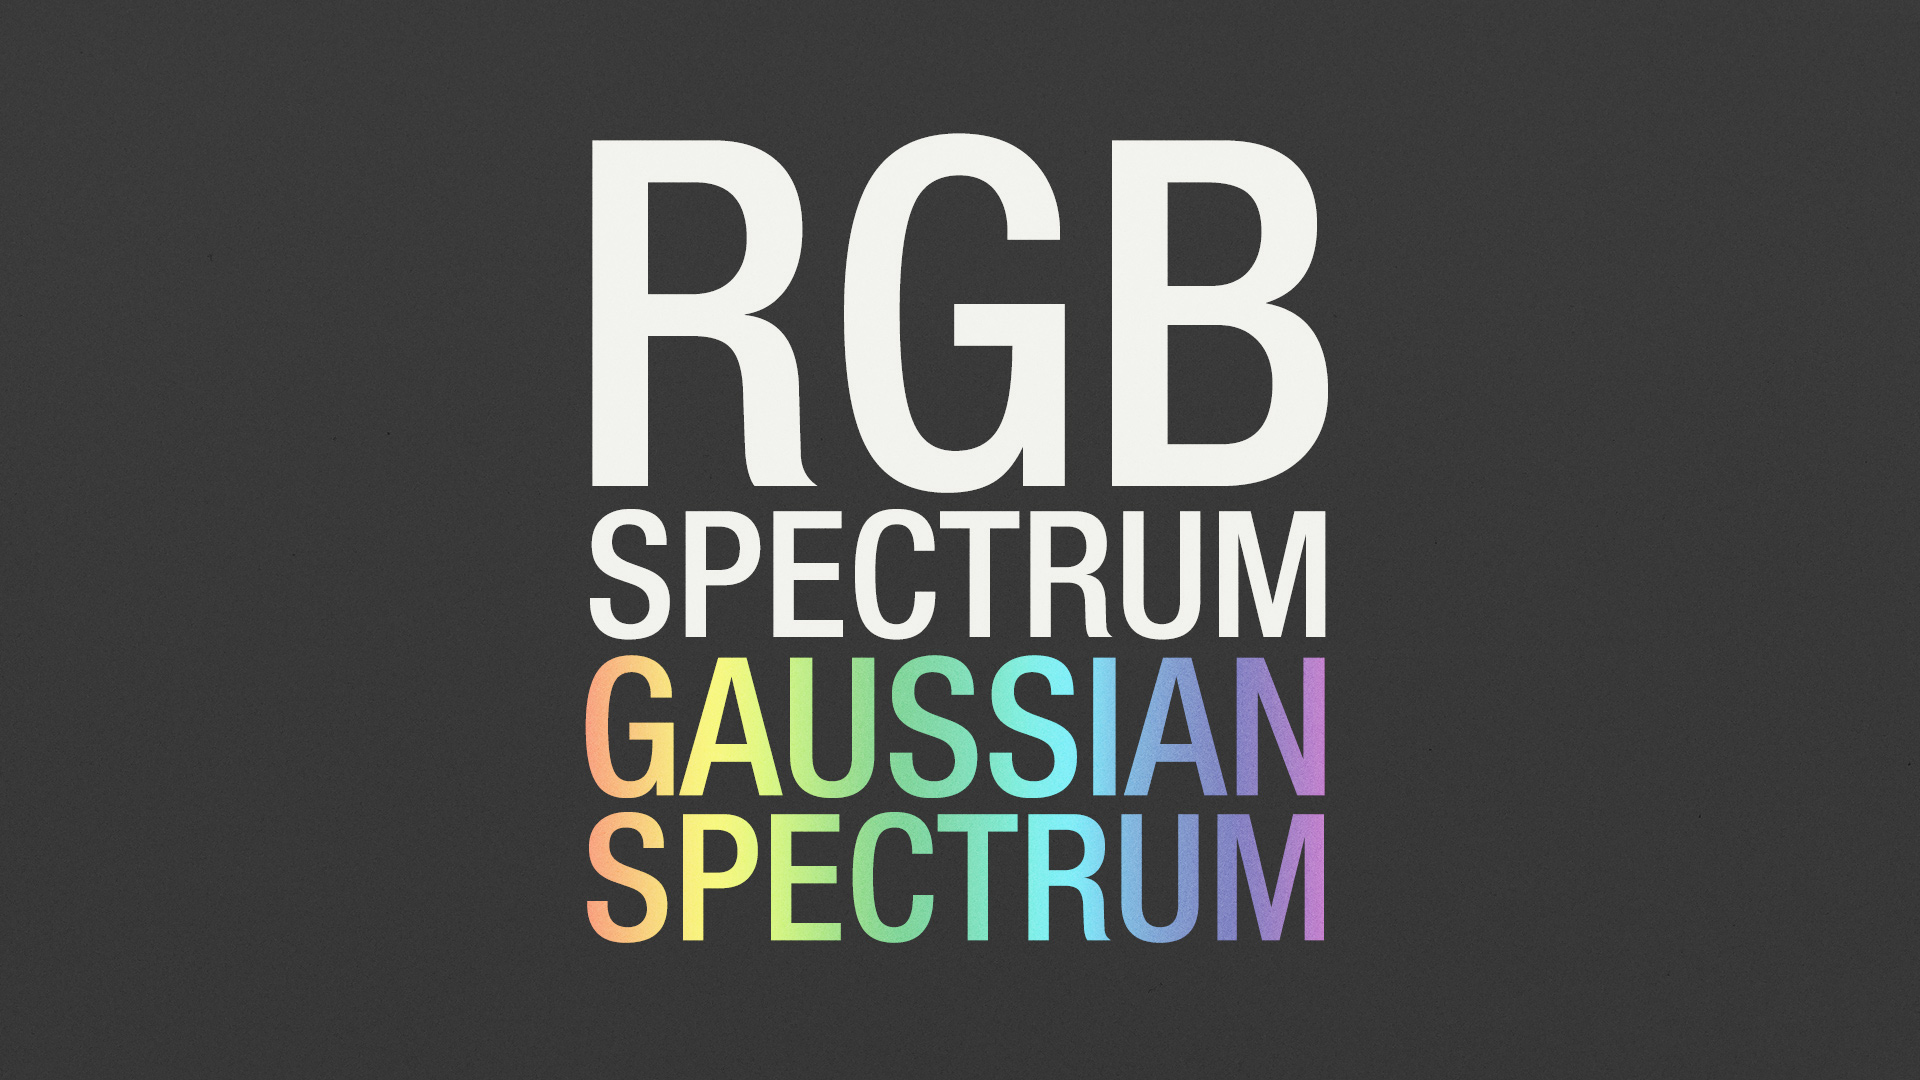 Octane Render How To: RGBSpectrum vs GaussianSpectrum